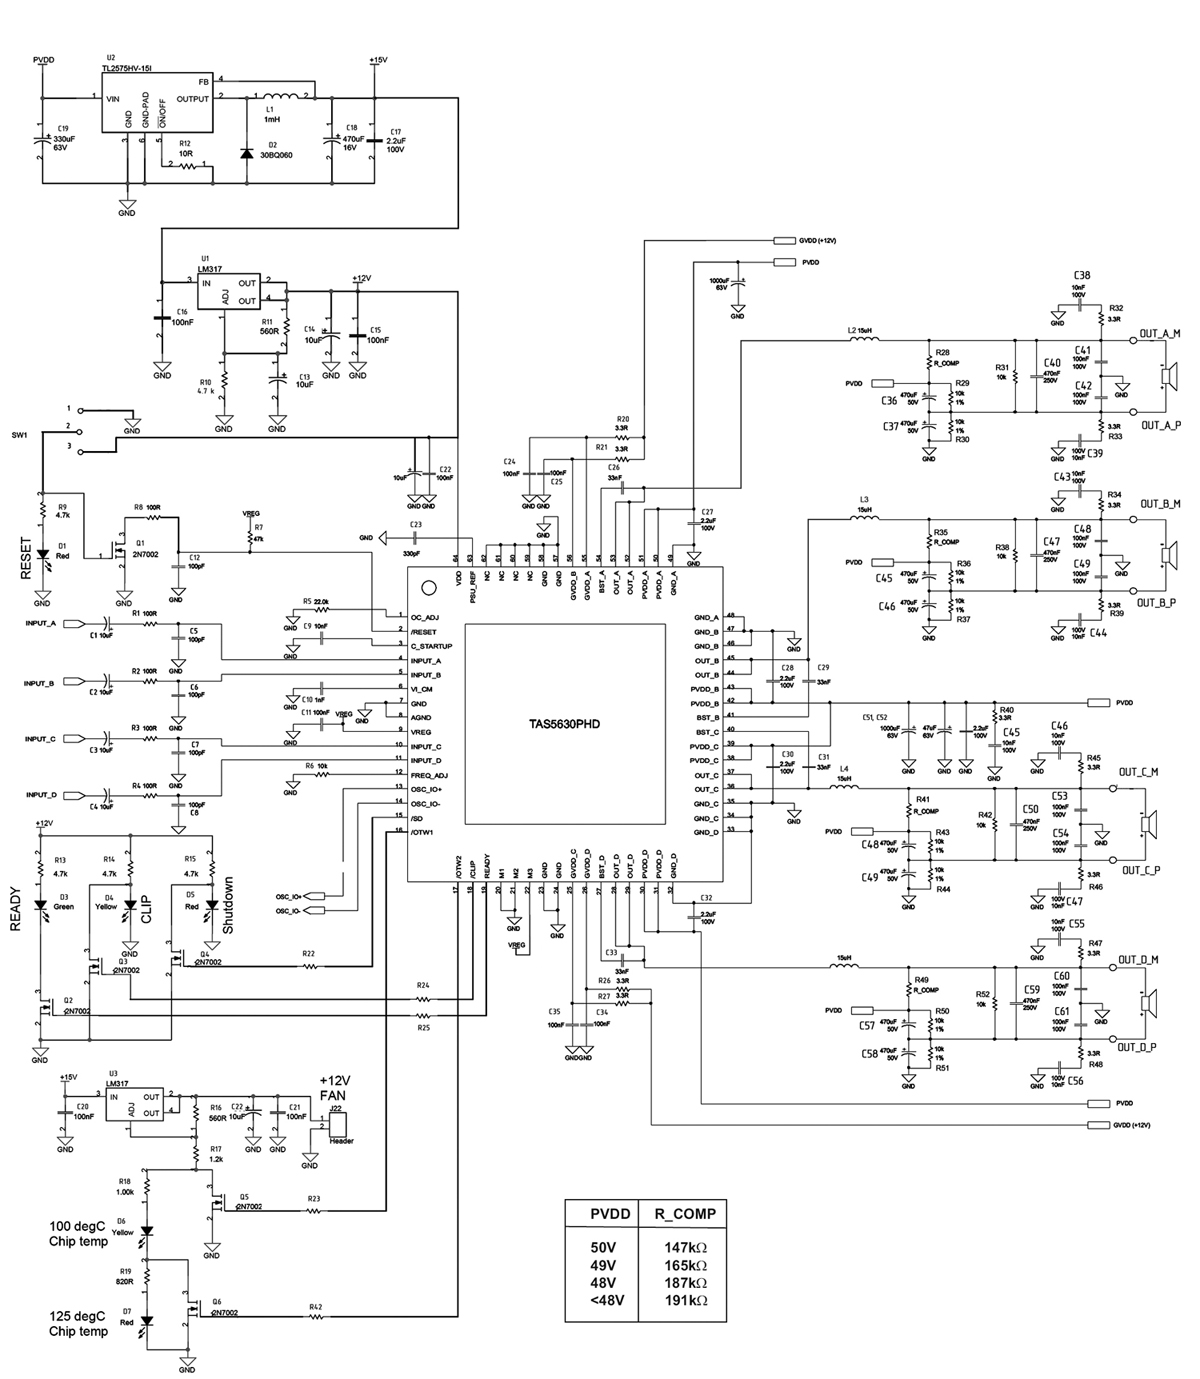 MP5630C4 - Конфигуратор для построения мощного четырехканального усилителя НЧ - Схема